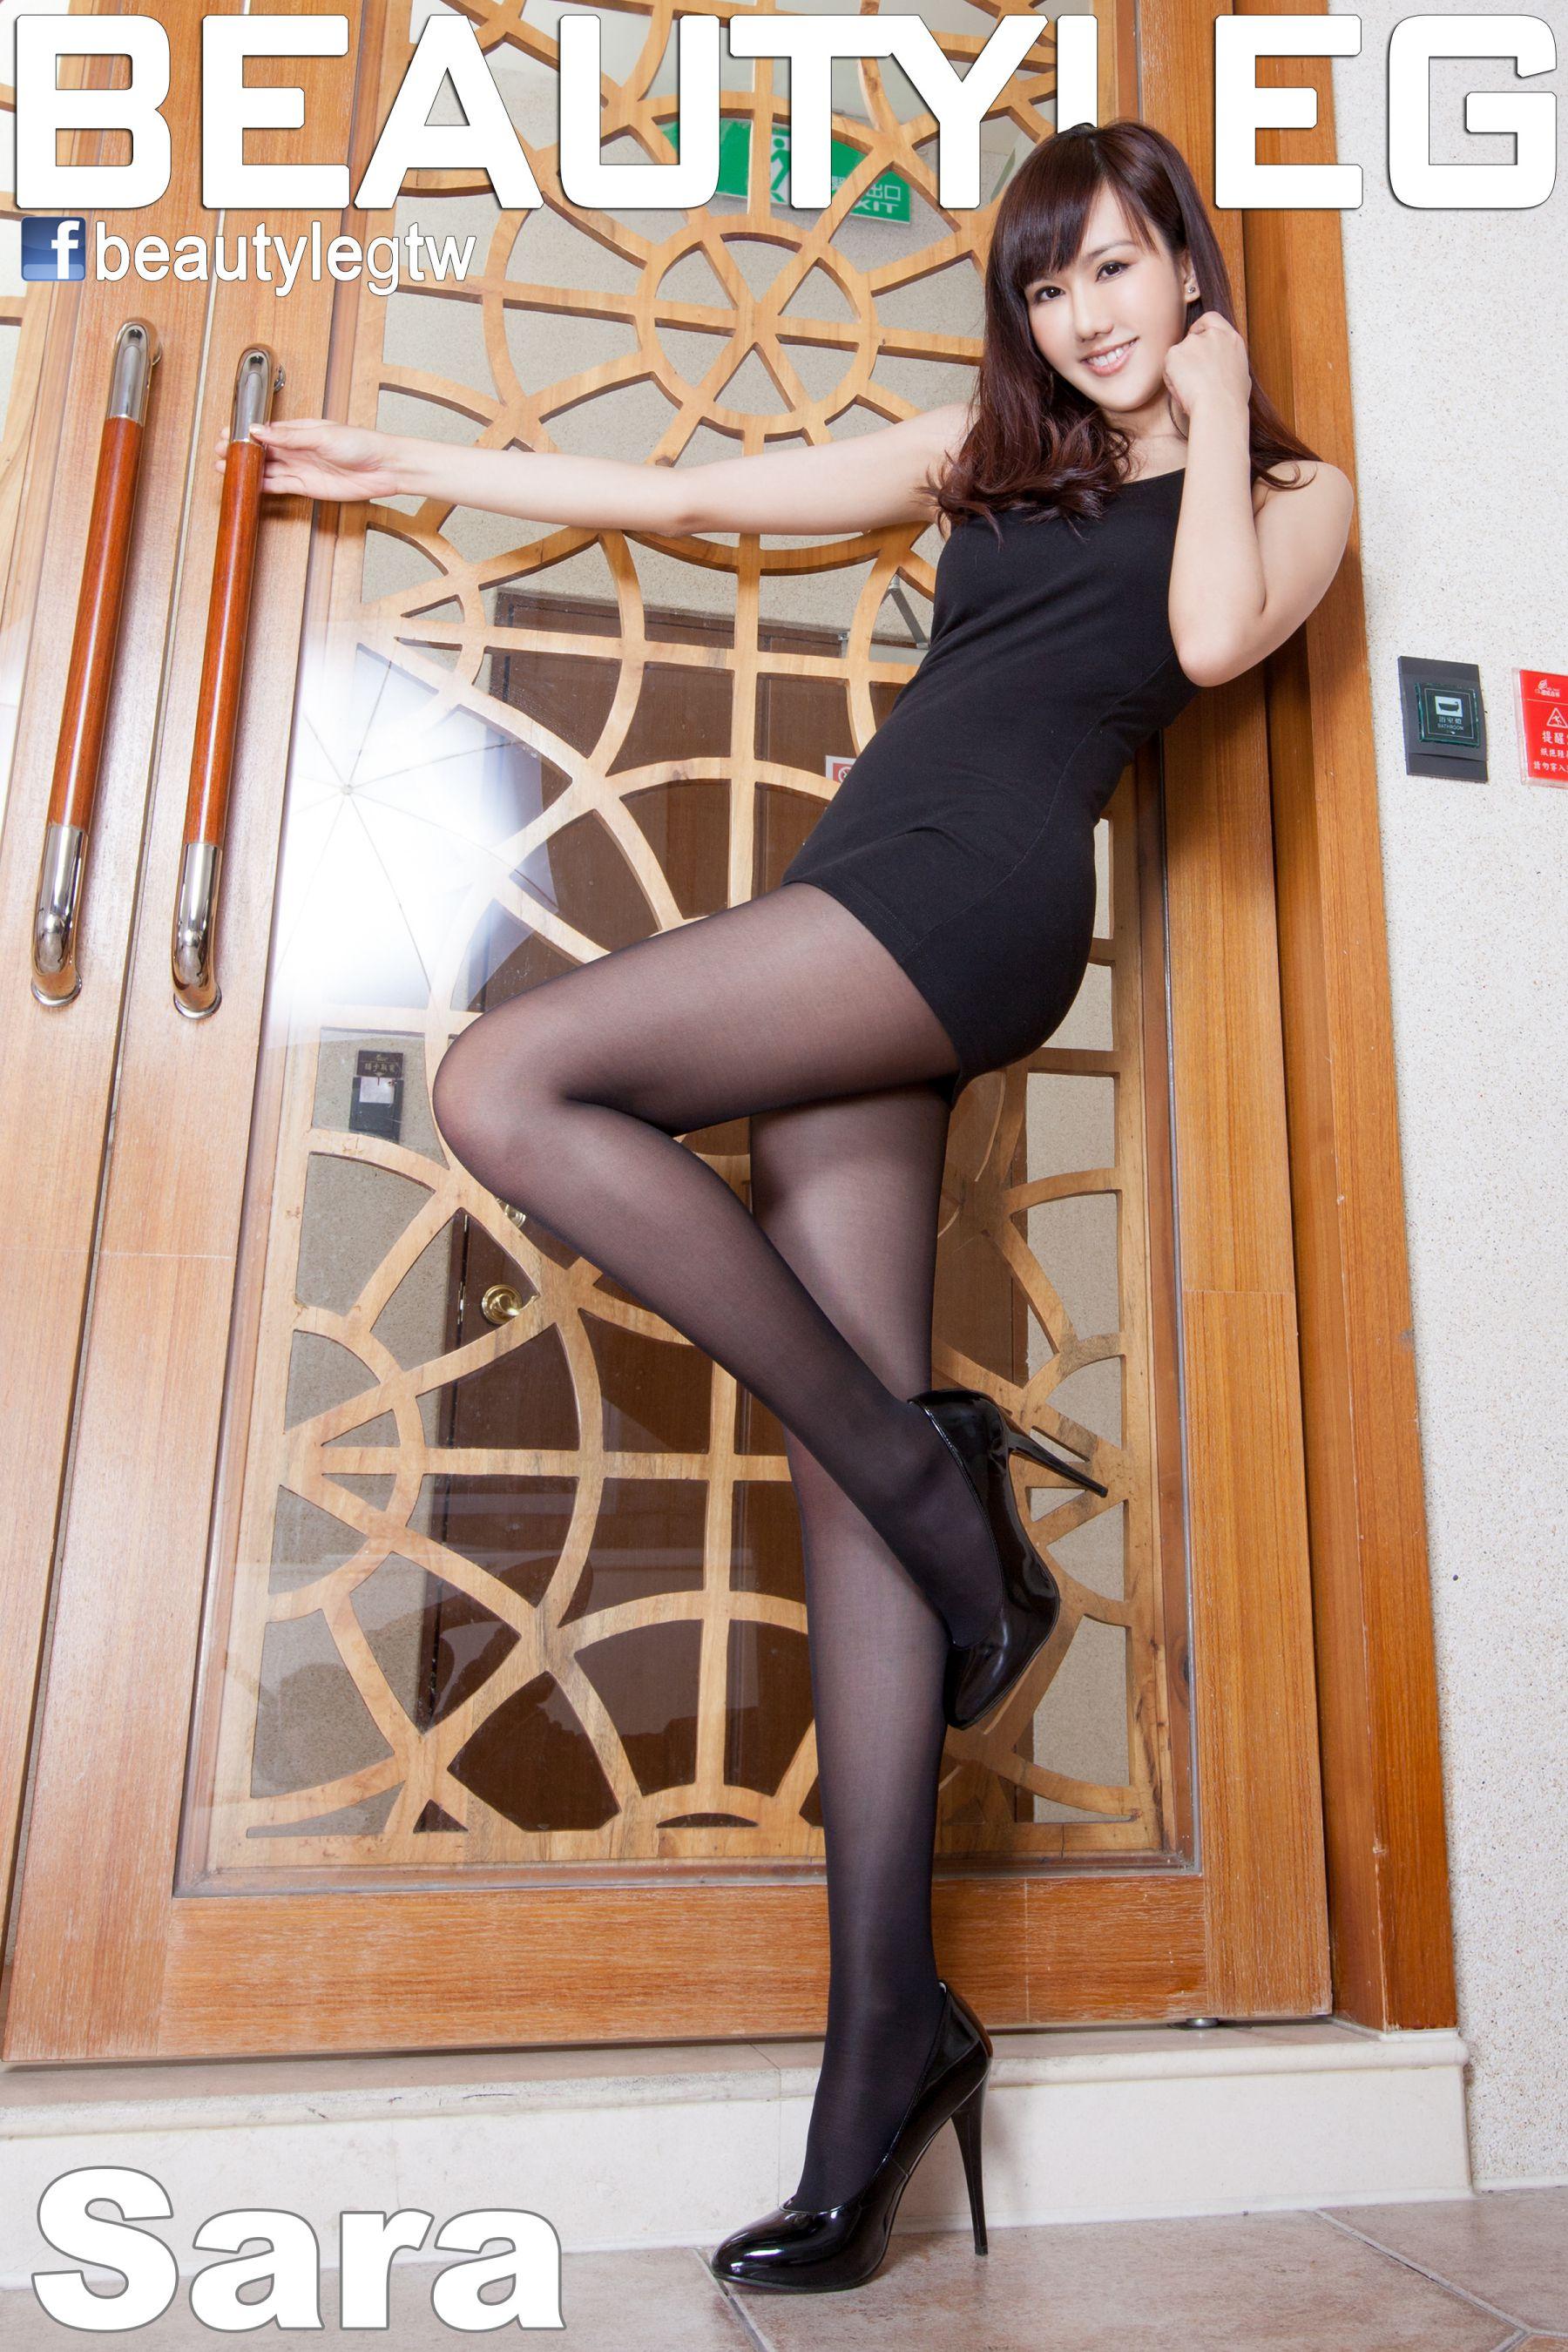 VOL.699 [Beautyleg]美腿:林瑞瑜(Beautyleg Sara,腿模Sara)高品质写真套图(53P)